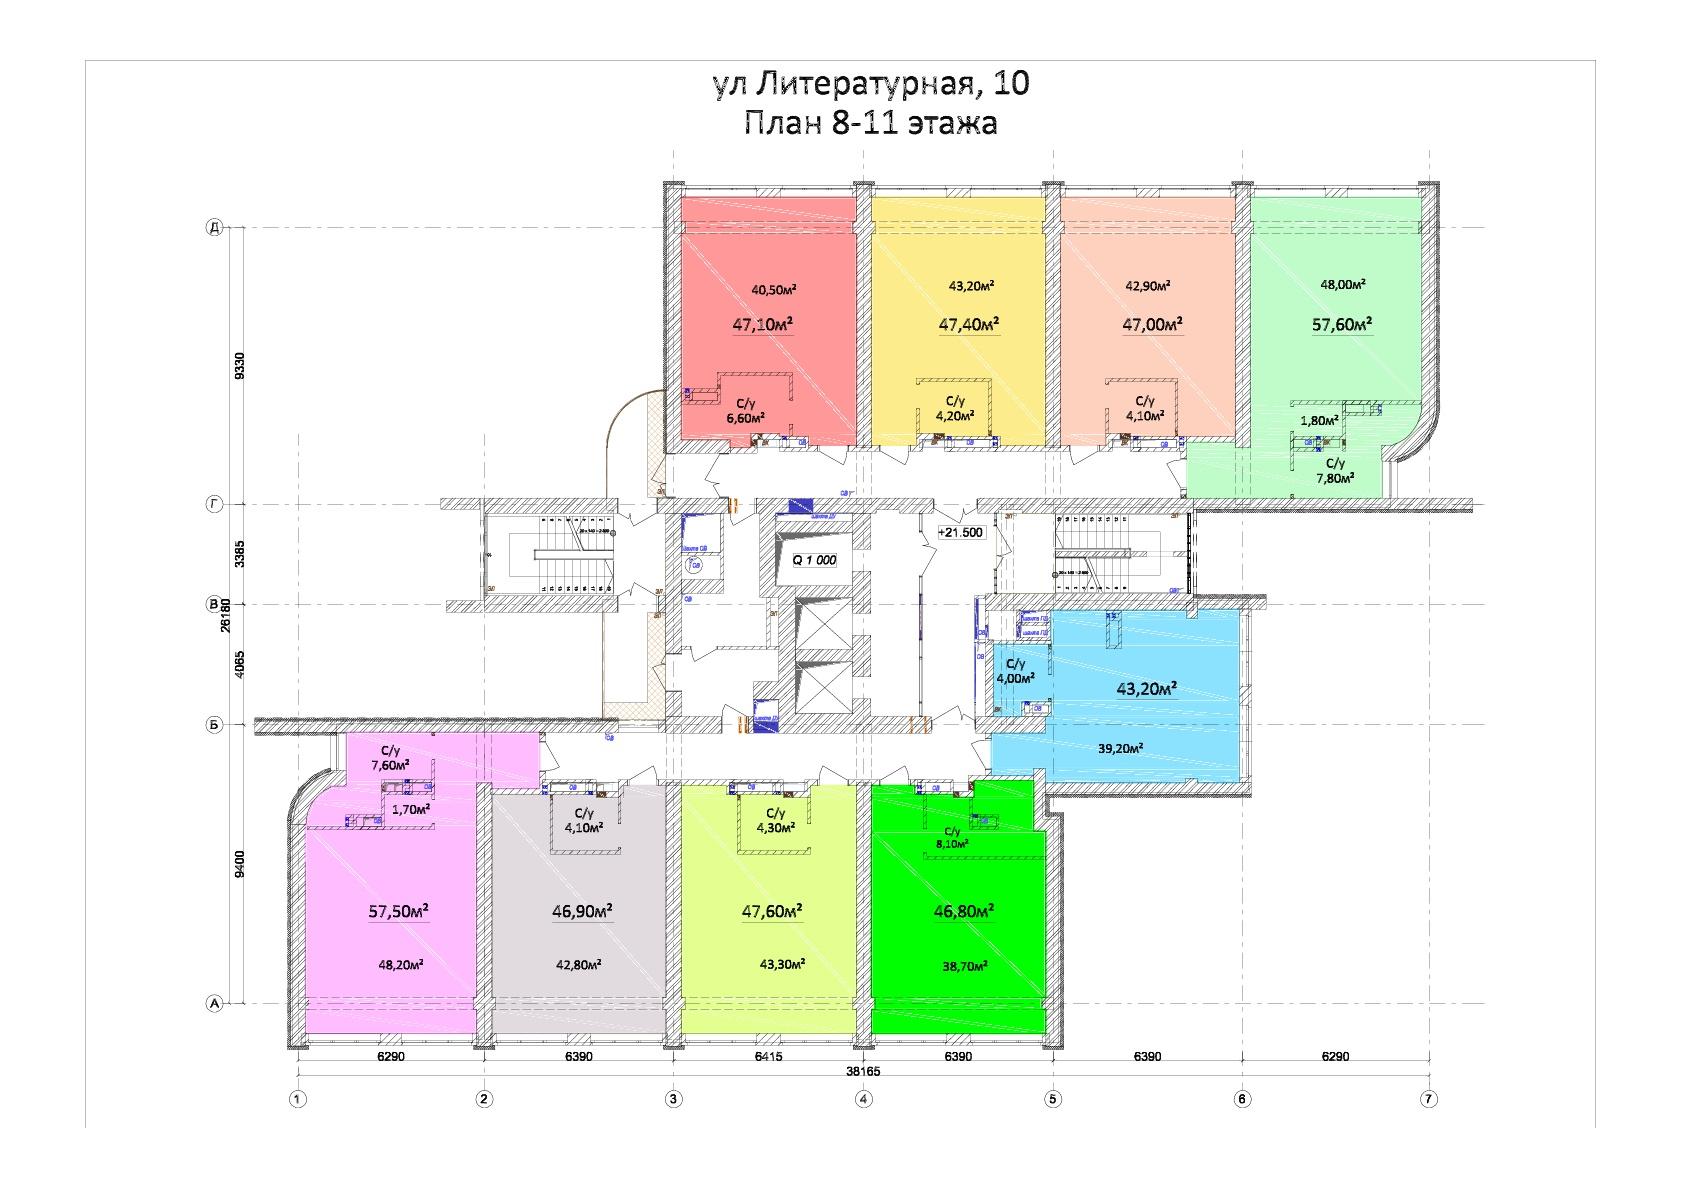 ЖК Орион План 8-11 этажей